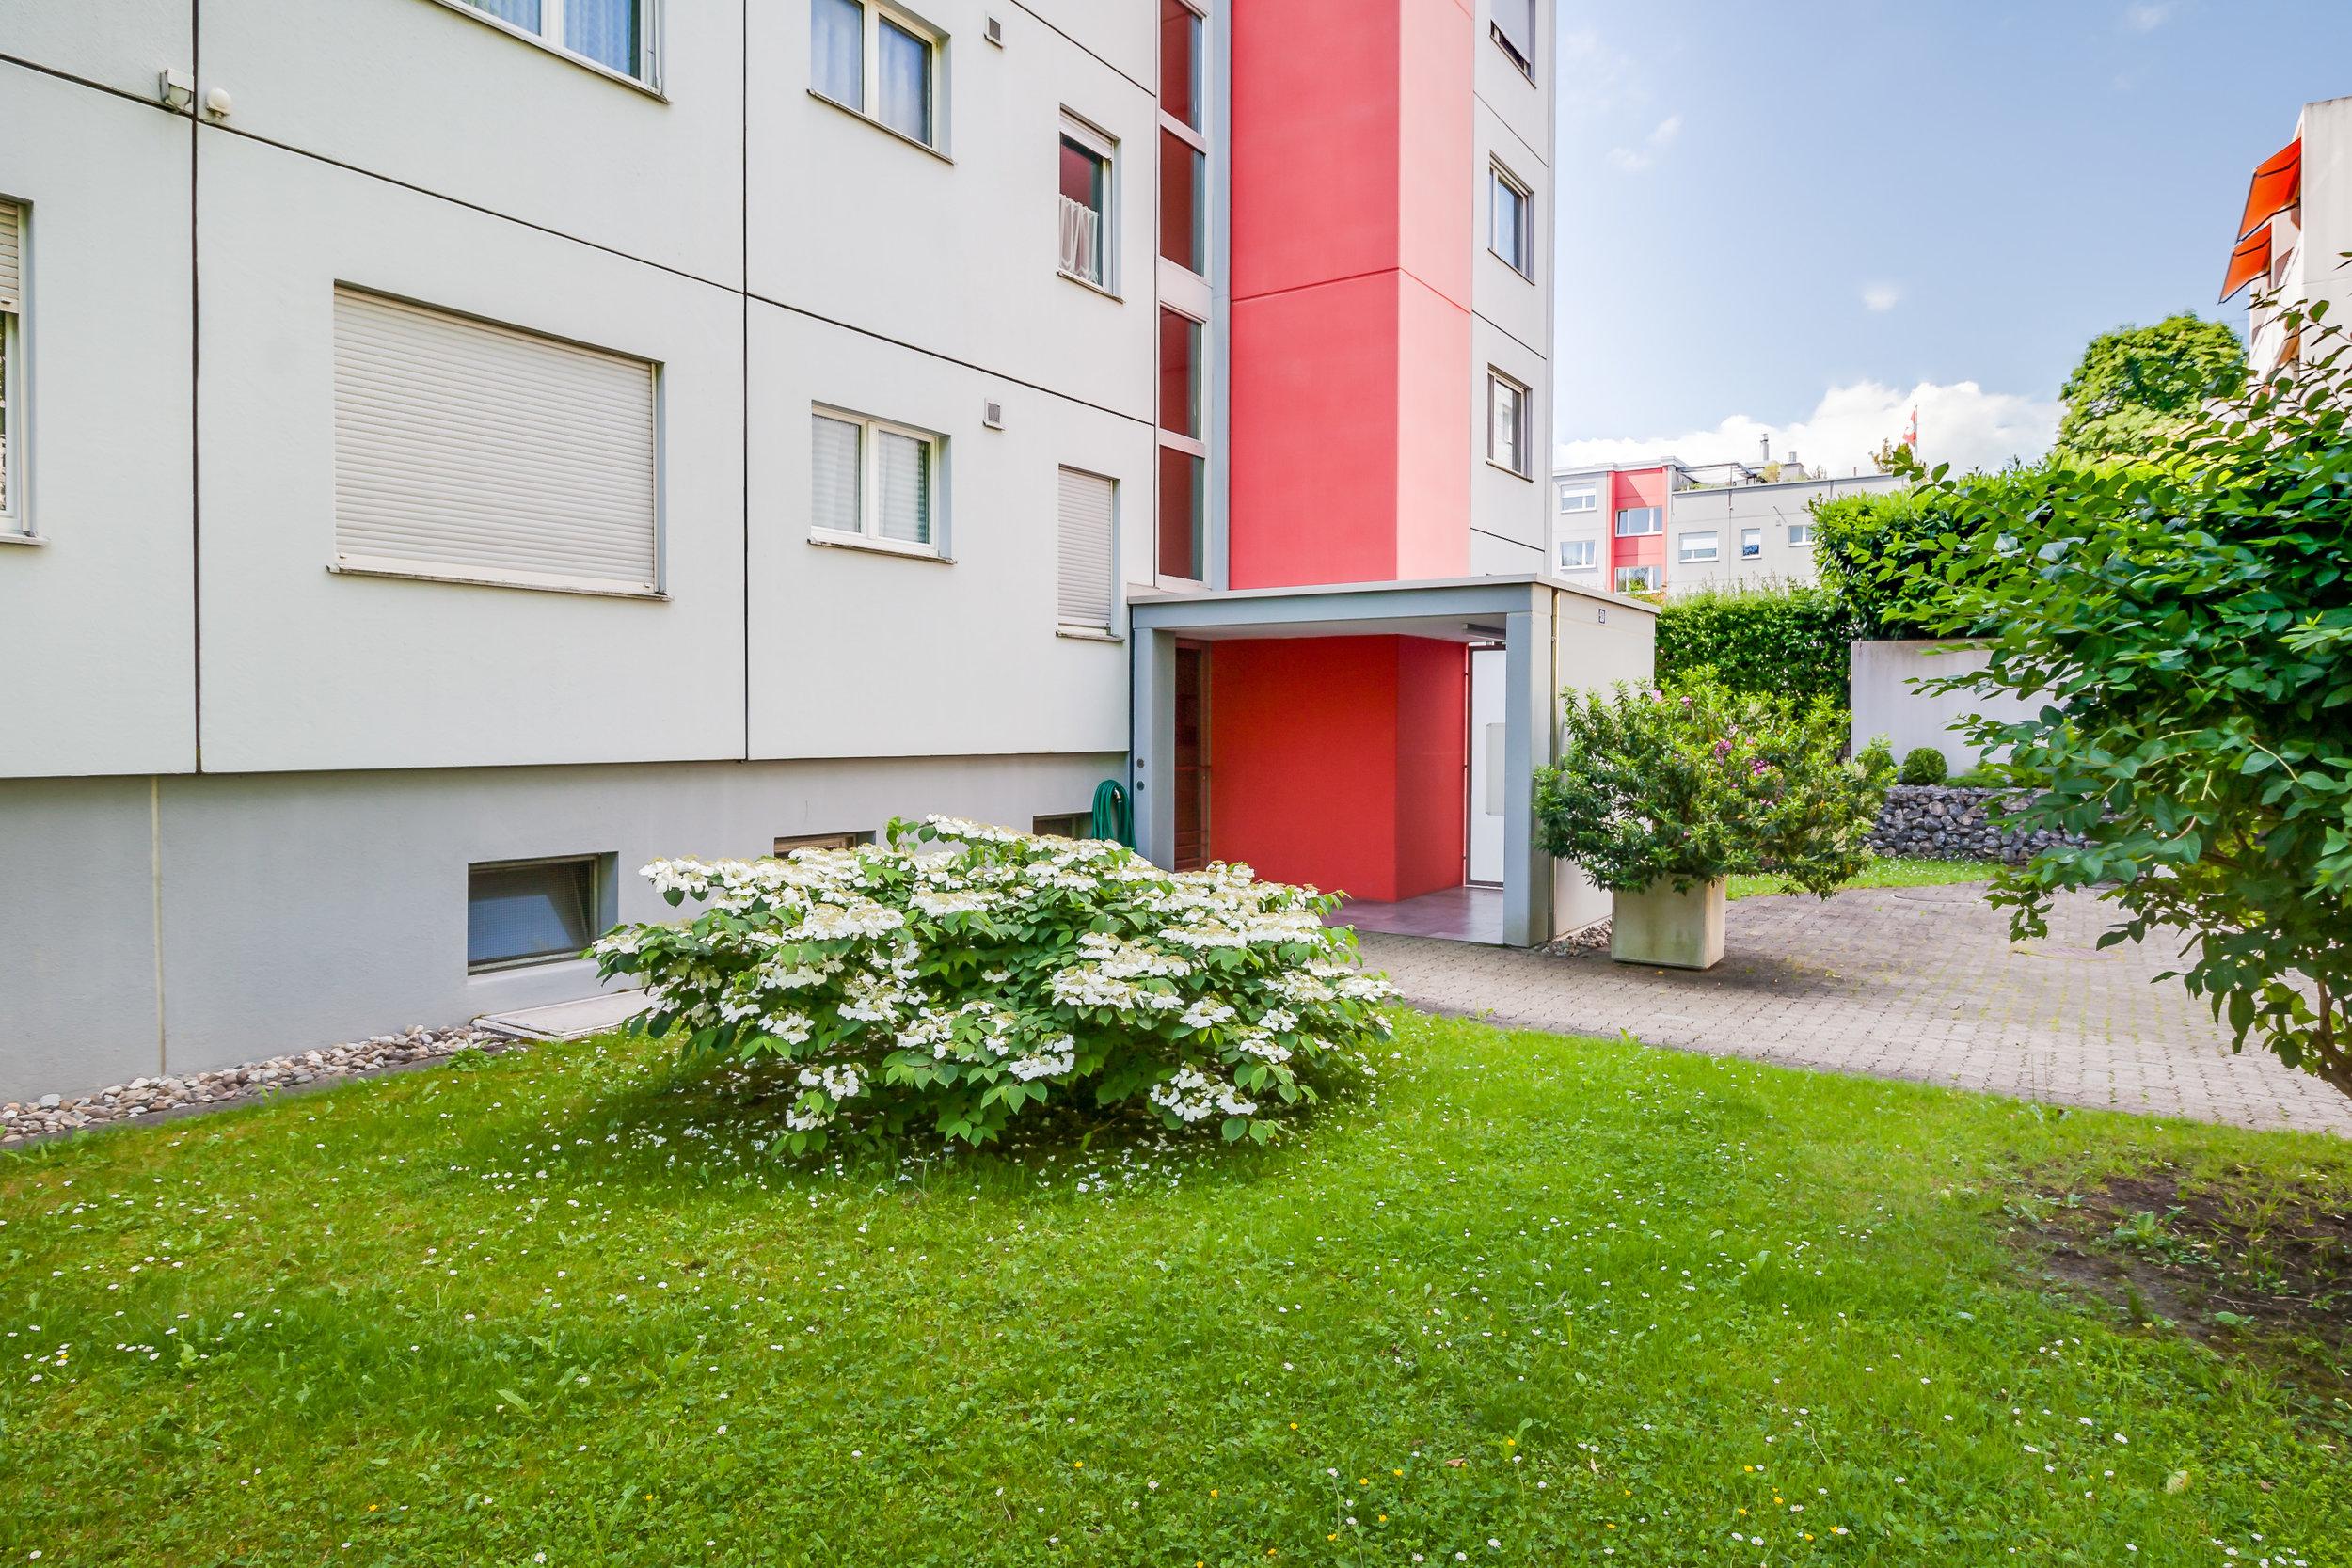 Benglen Bodenacherstrasse 53